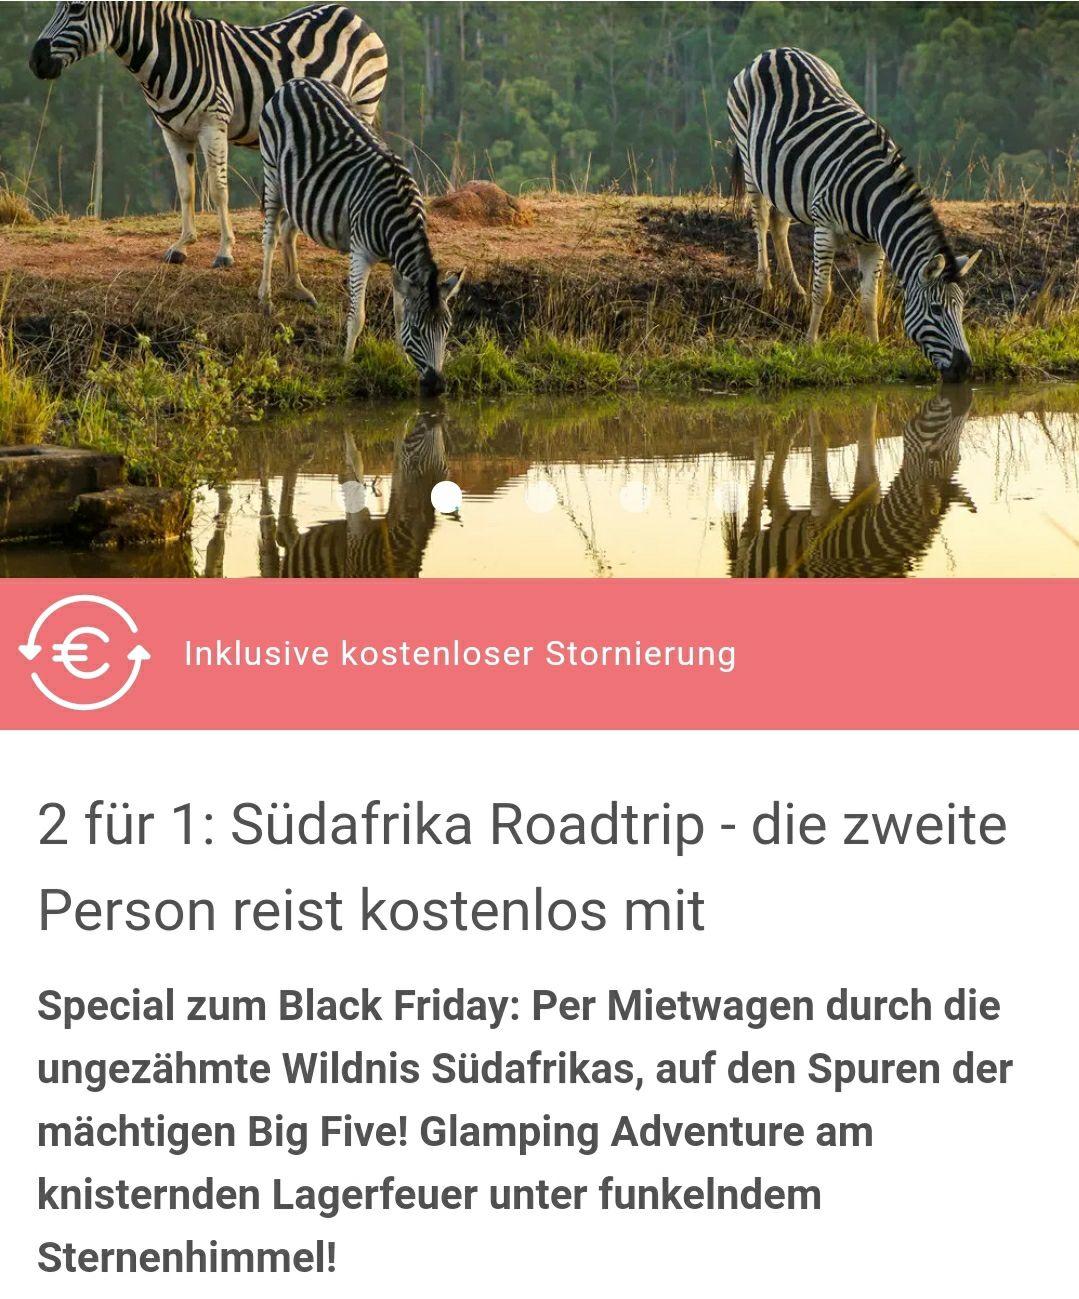 2 für 1: Südafrika Roadtrip